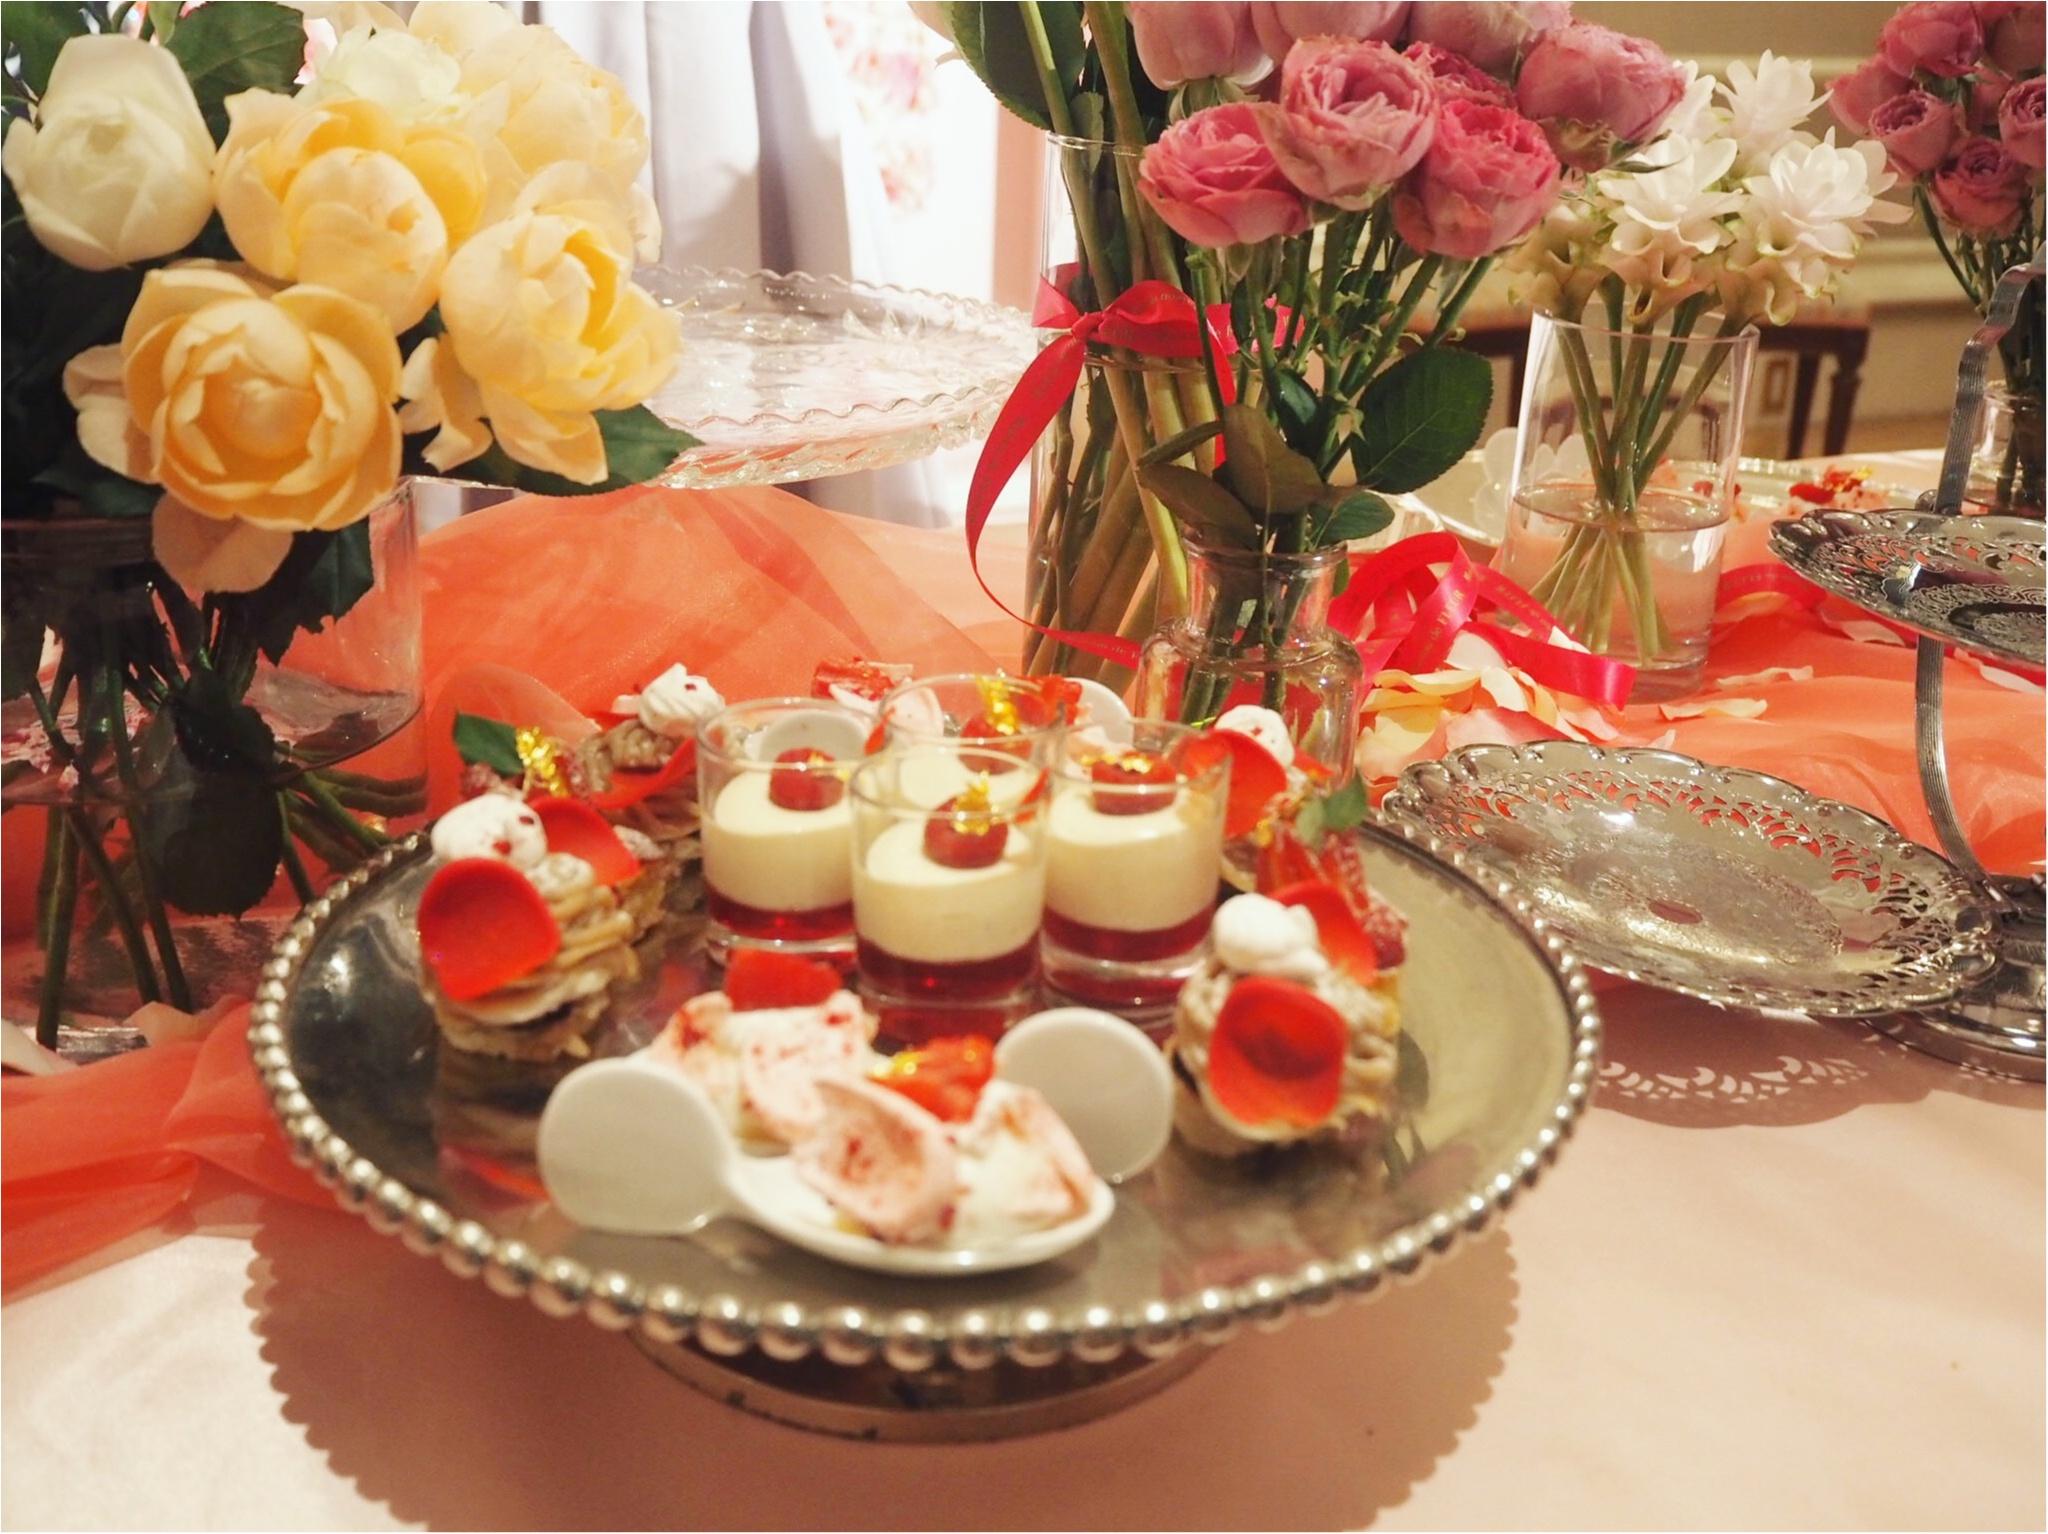 《Maison de FLEUR 4th Birthday Party.》メゾンドフルールの4周年パーティ♡私達、このピンクの世界を愛してる!♡♡_6